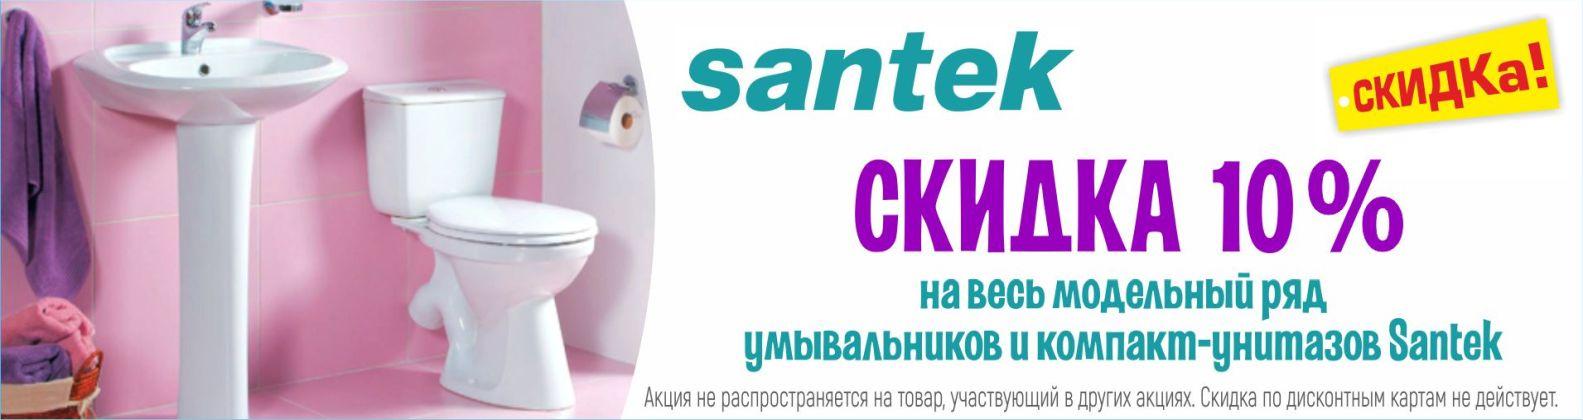 Скидка на Santek - 10%